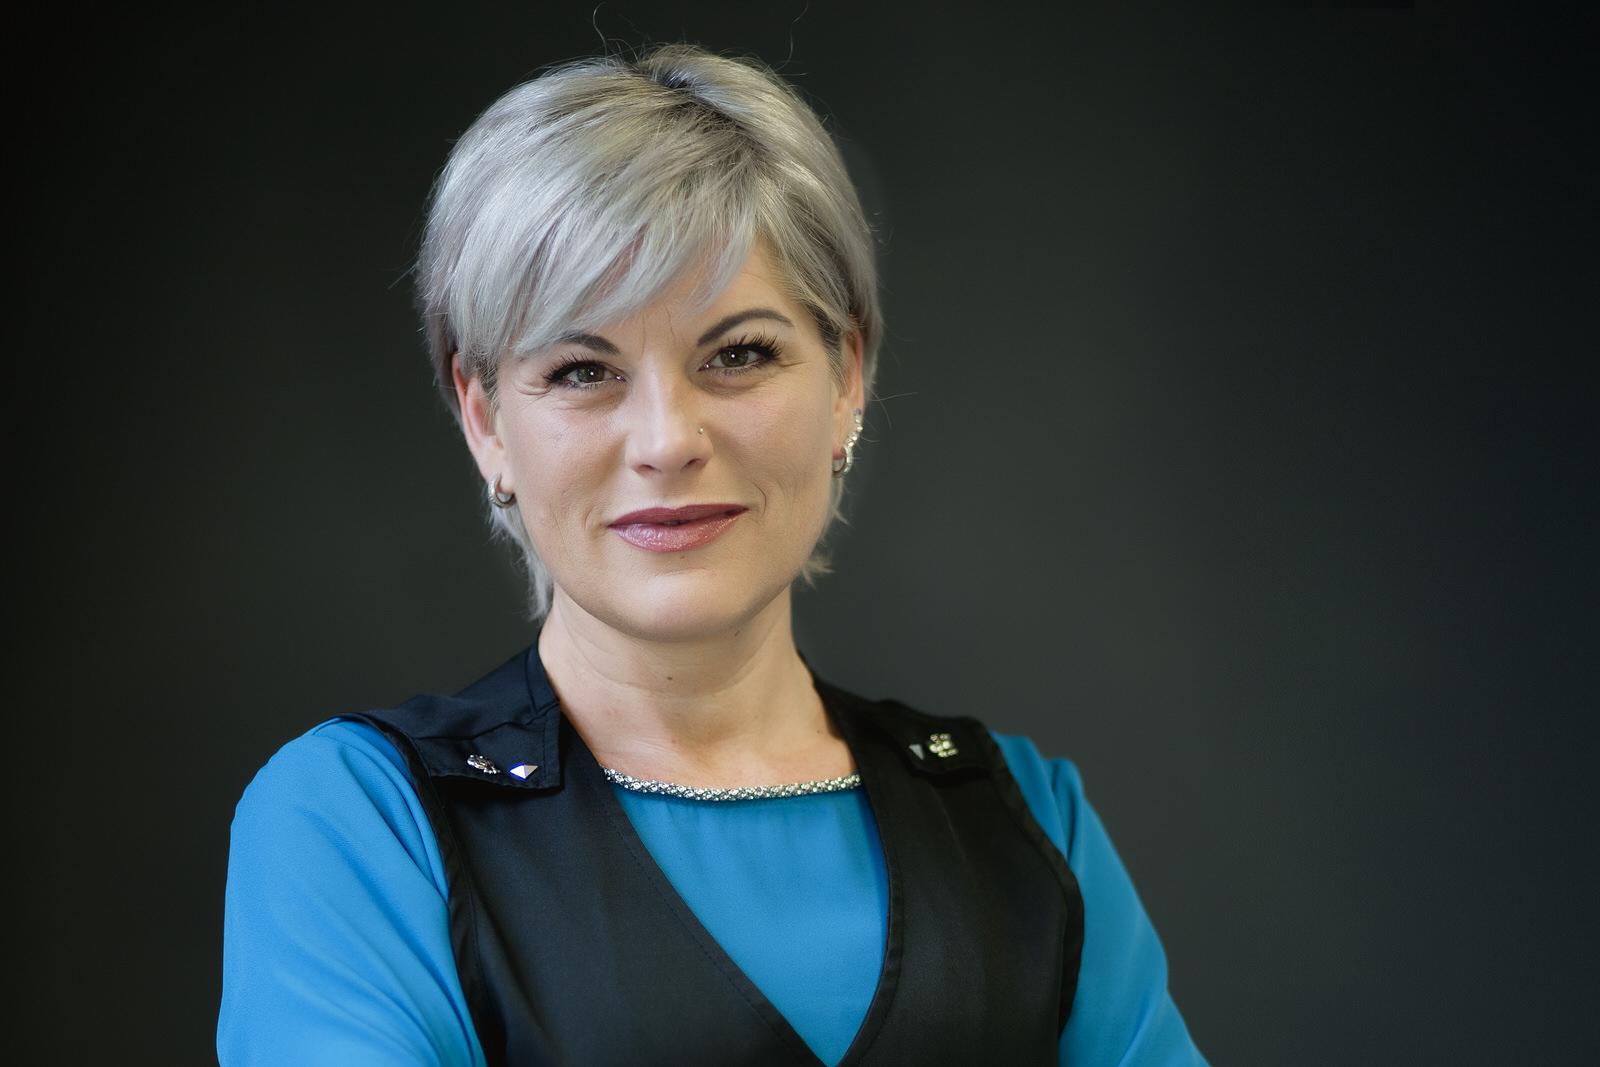 Angelika Baur